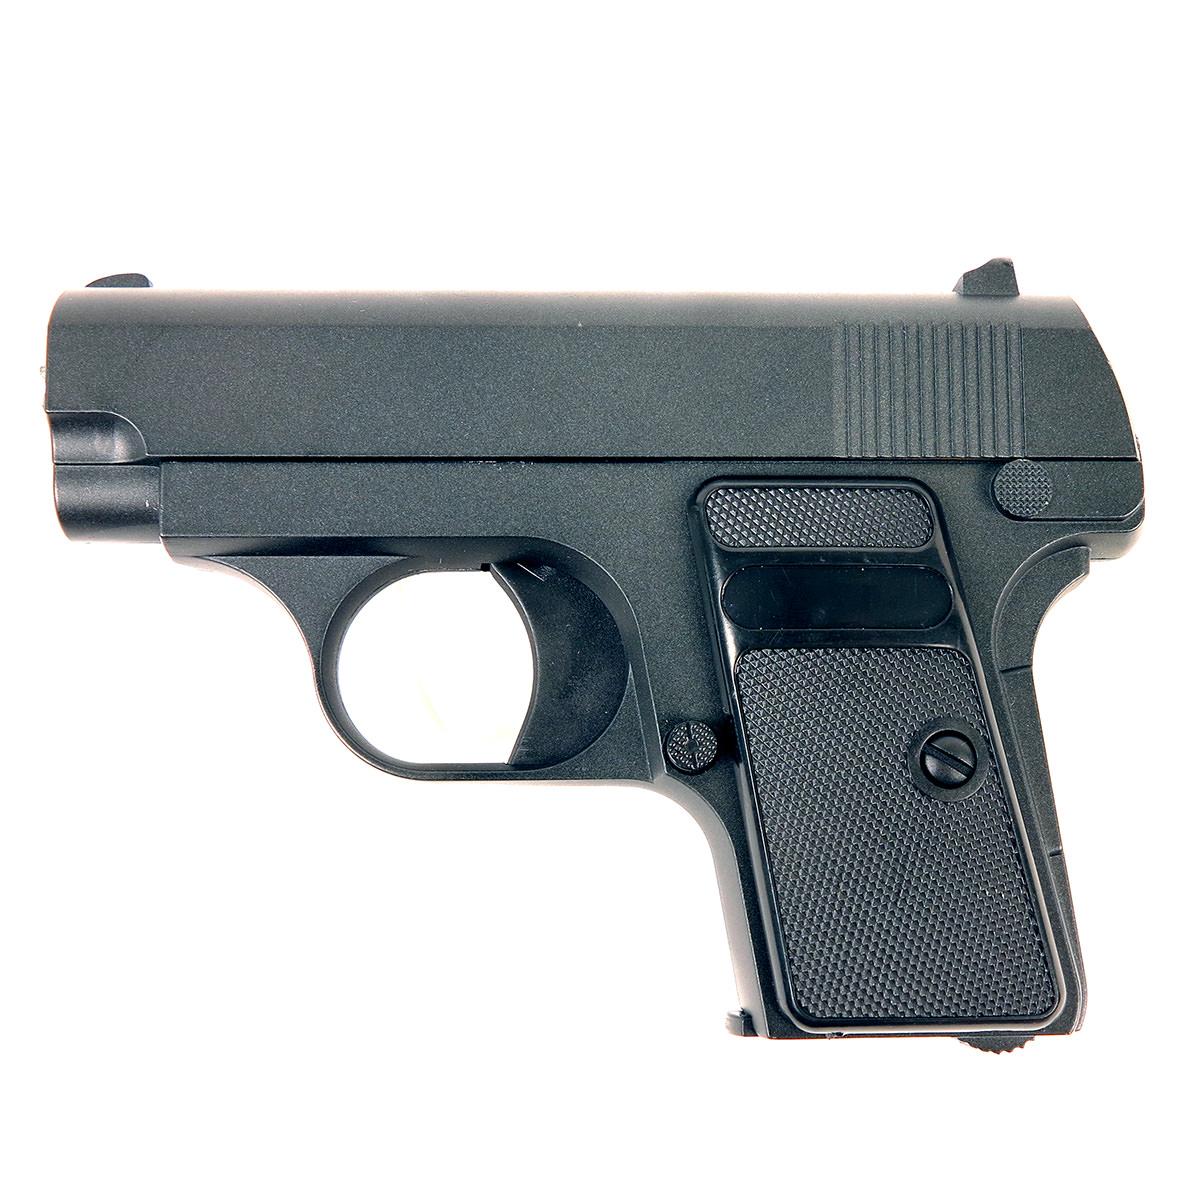 Пистолет страйкбольный Galaxy G.1, пружинный, 6 мм gletcher магазин для пистолета gletcher pm